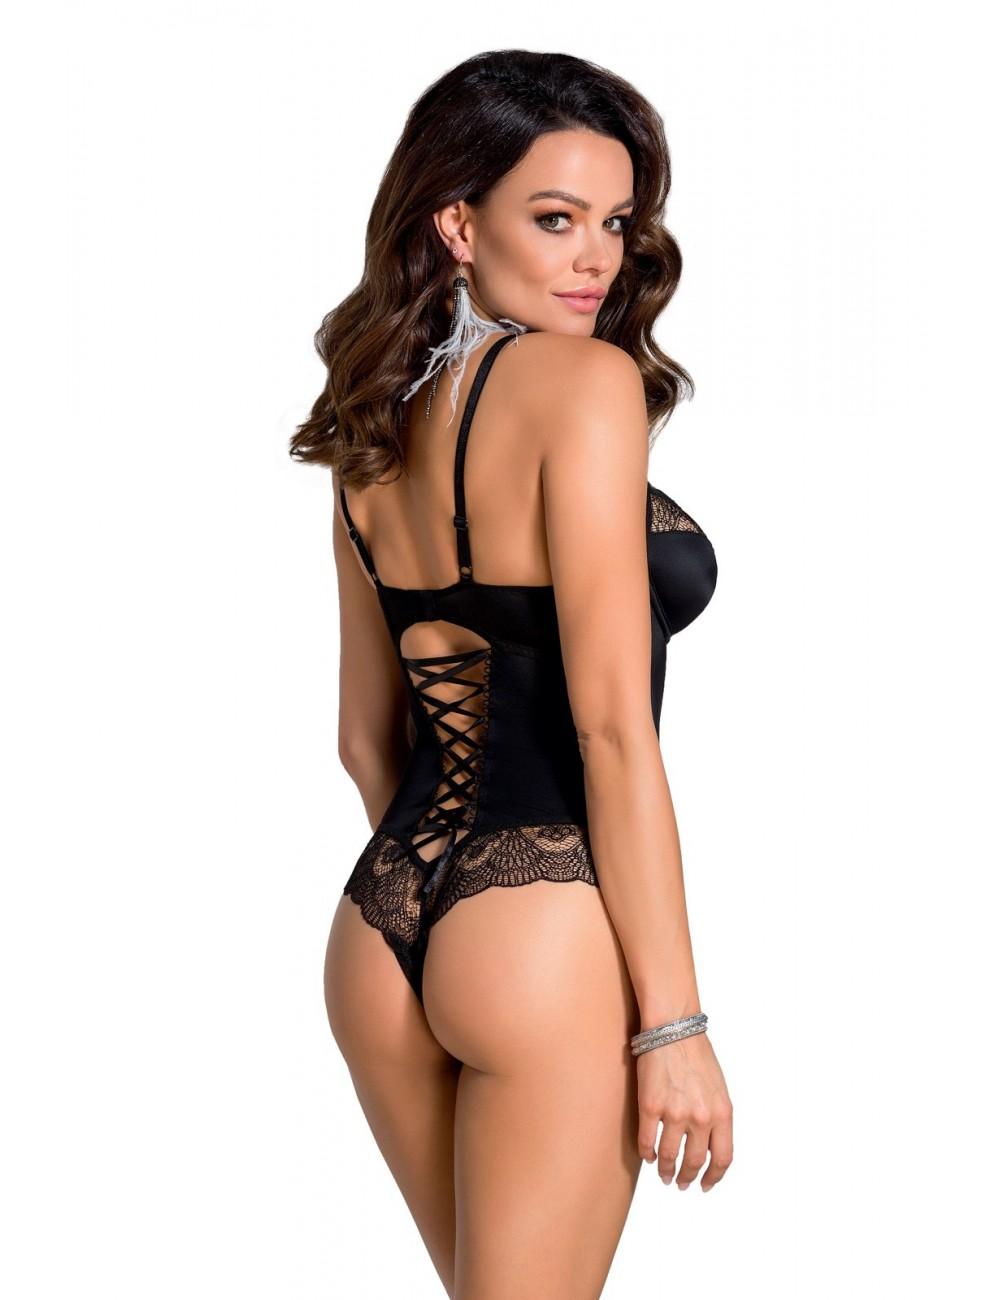 Lingerie - Bodys - Body sexy noire avec armatures pour la poitrine Alina - Casmir